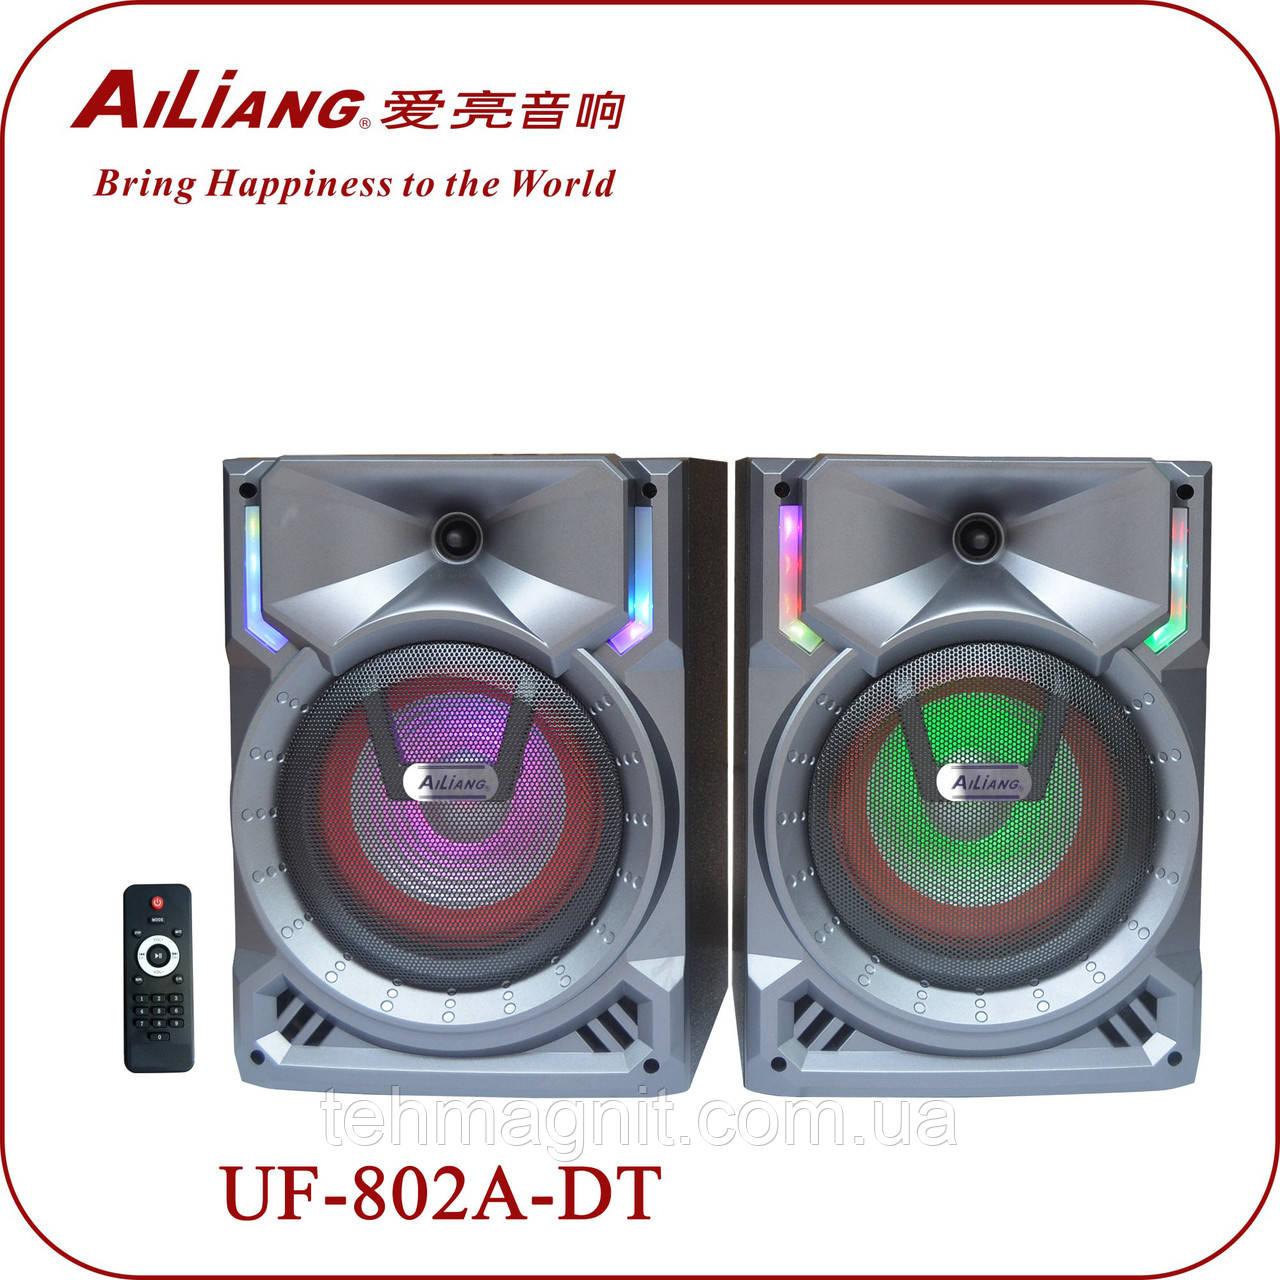 Акустическая система AiLiang UF-802A-DT